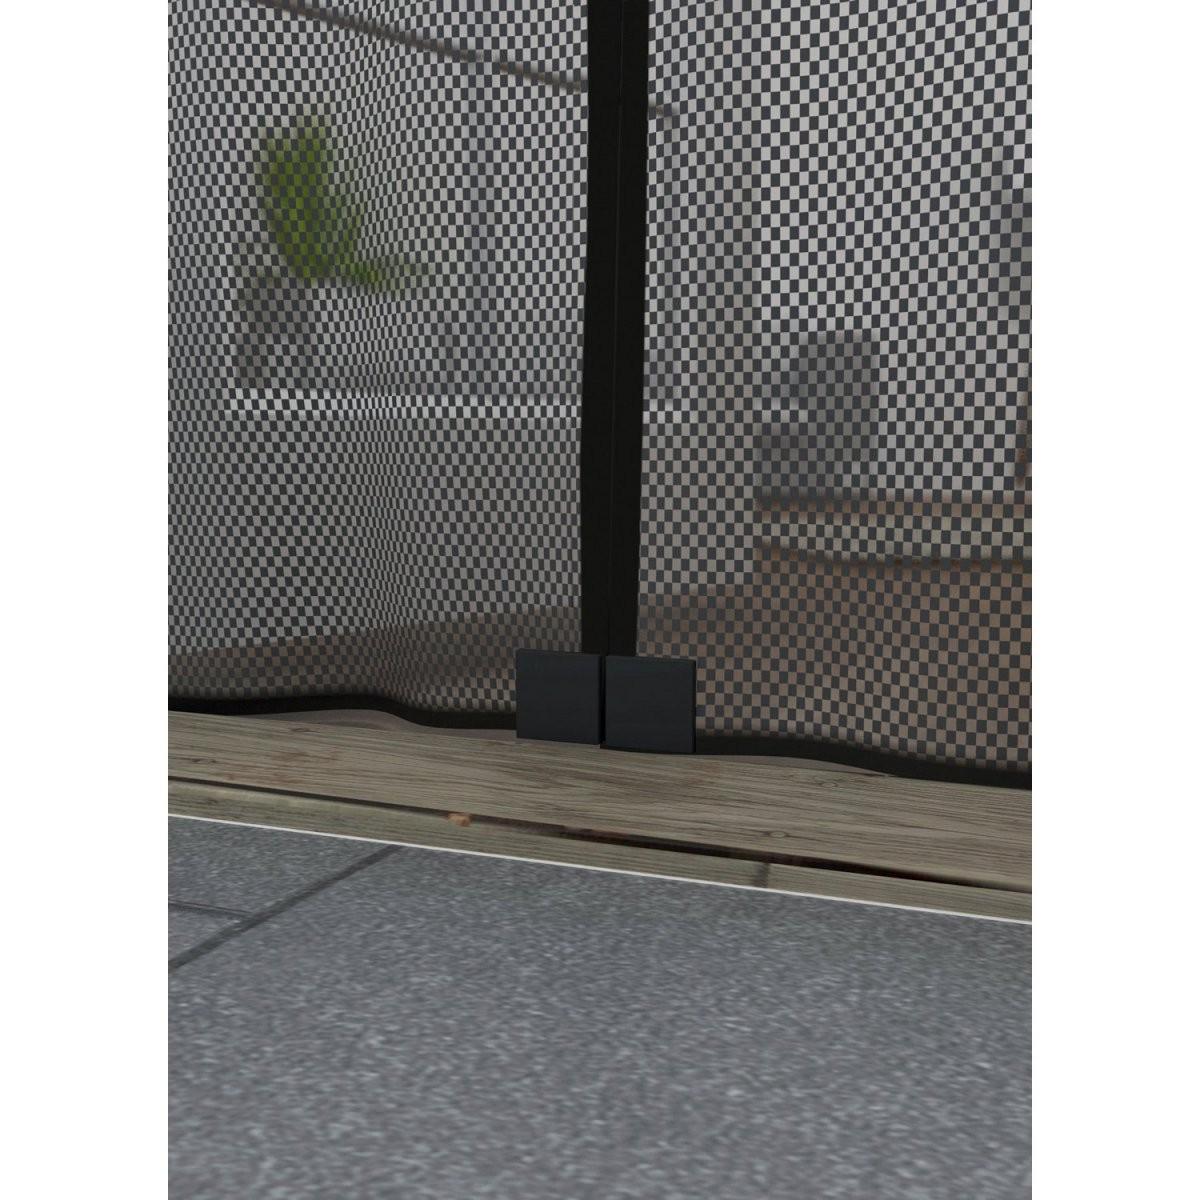 Obi Magnetvorhang 95 Cm X 235 Cm Anthrazit Kaufen Bei Obi von Insektenschutzvorhang Für Türen Mit Magnet Bild